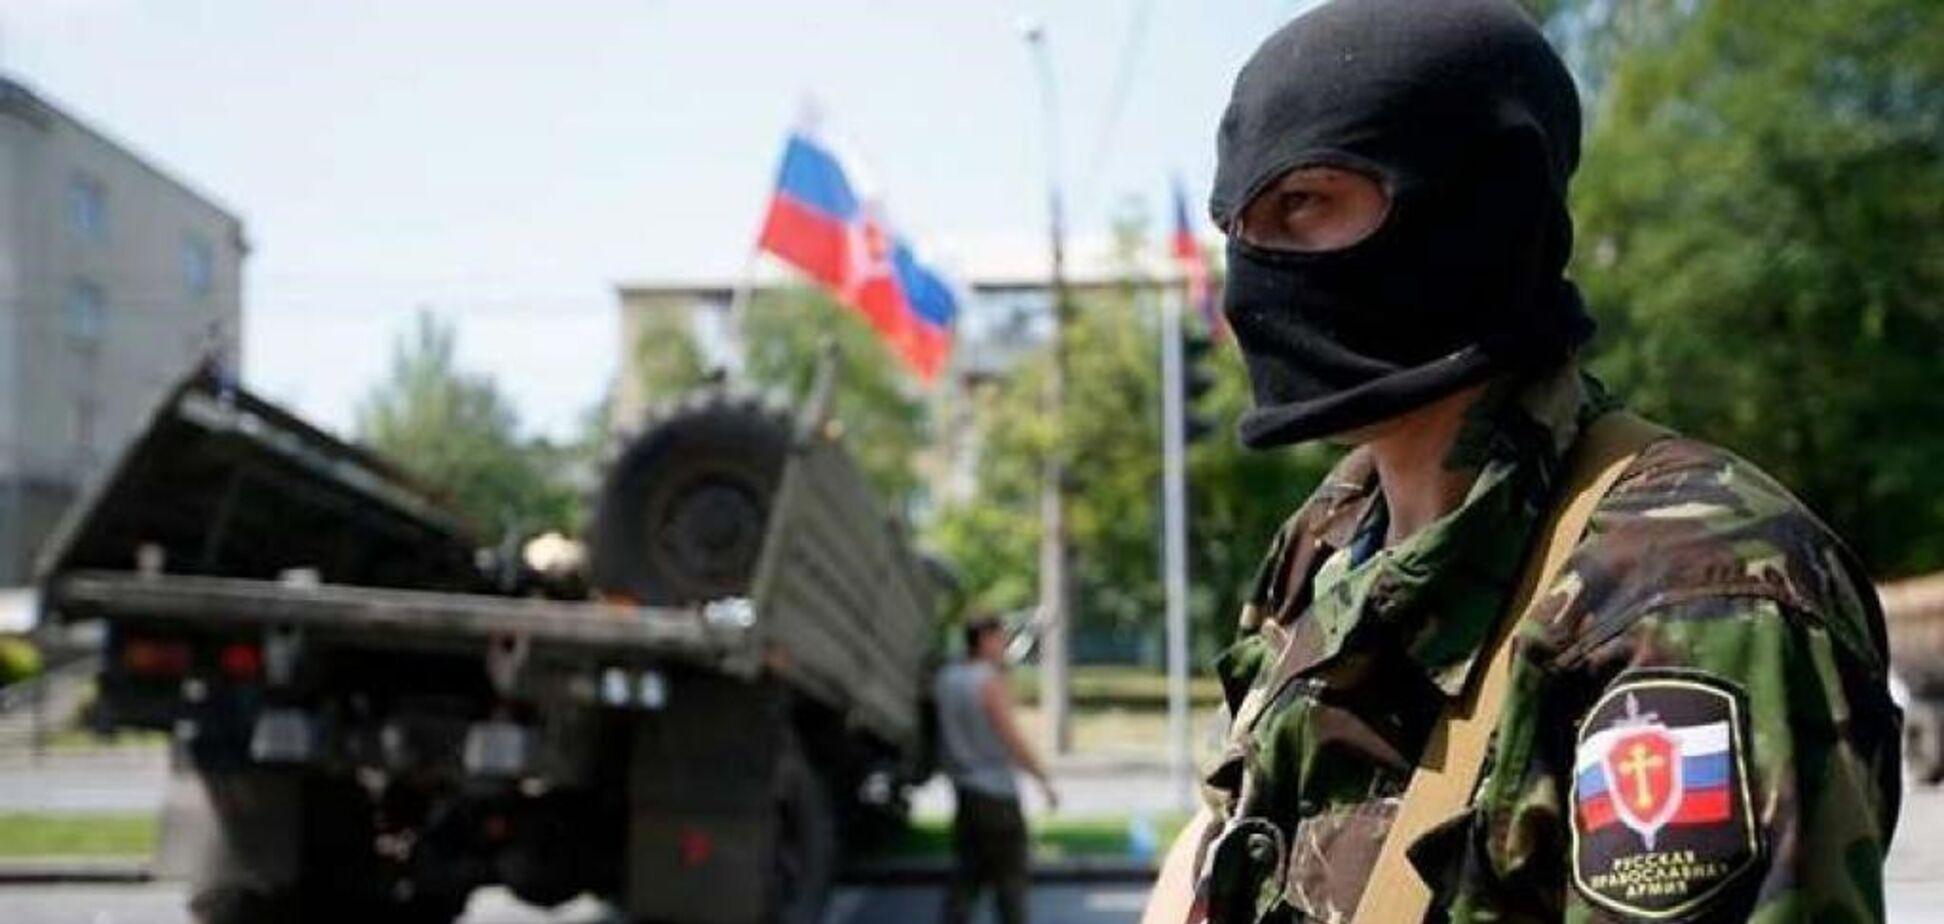 'Тупицы и быдло': в 'ДНР' рассказали о жестких разборках среди наемников